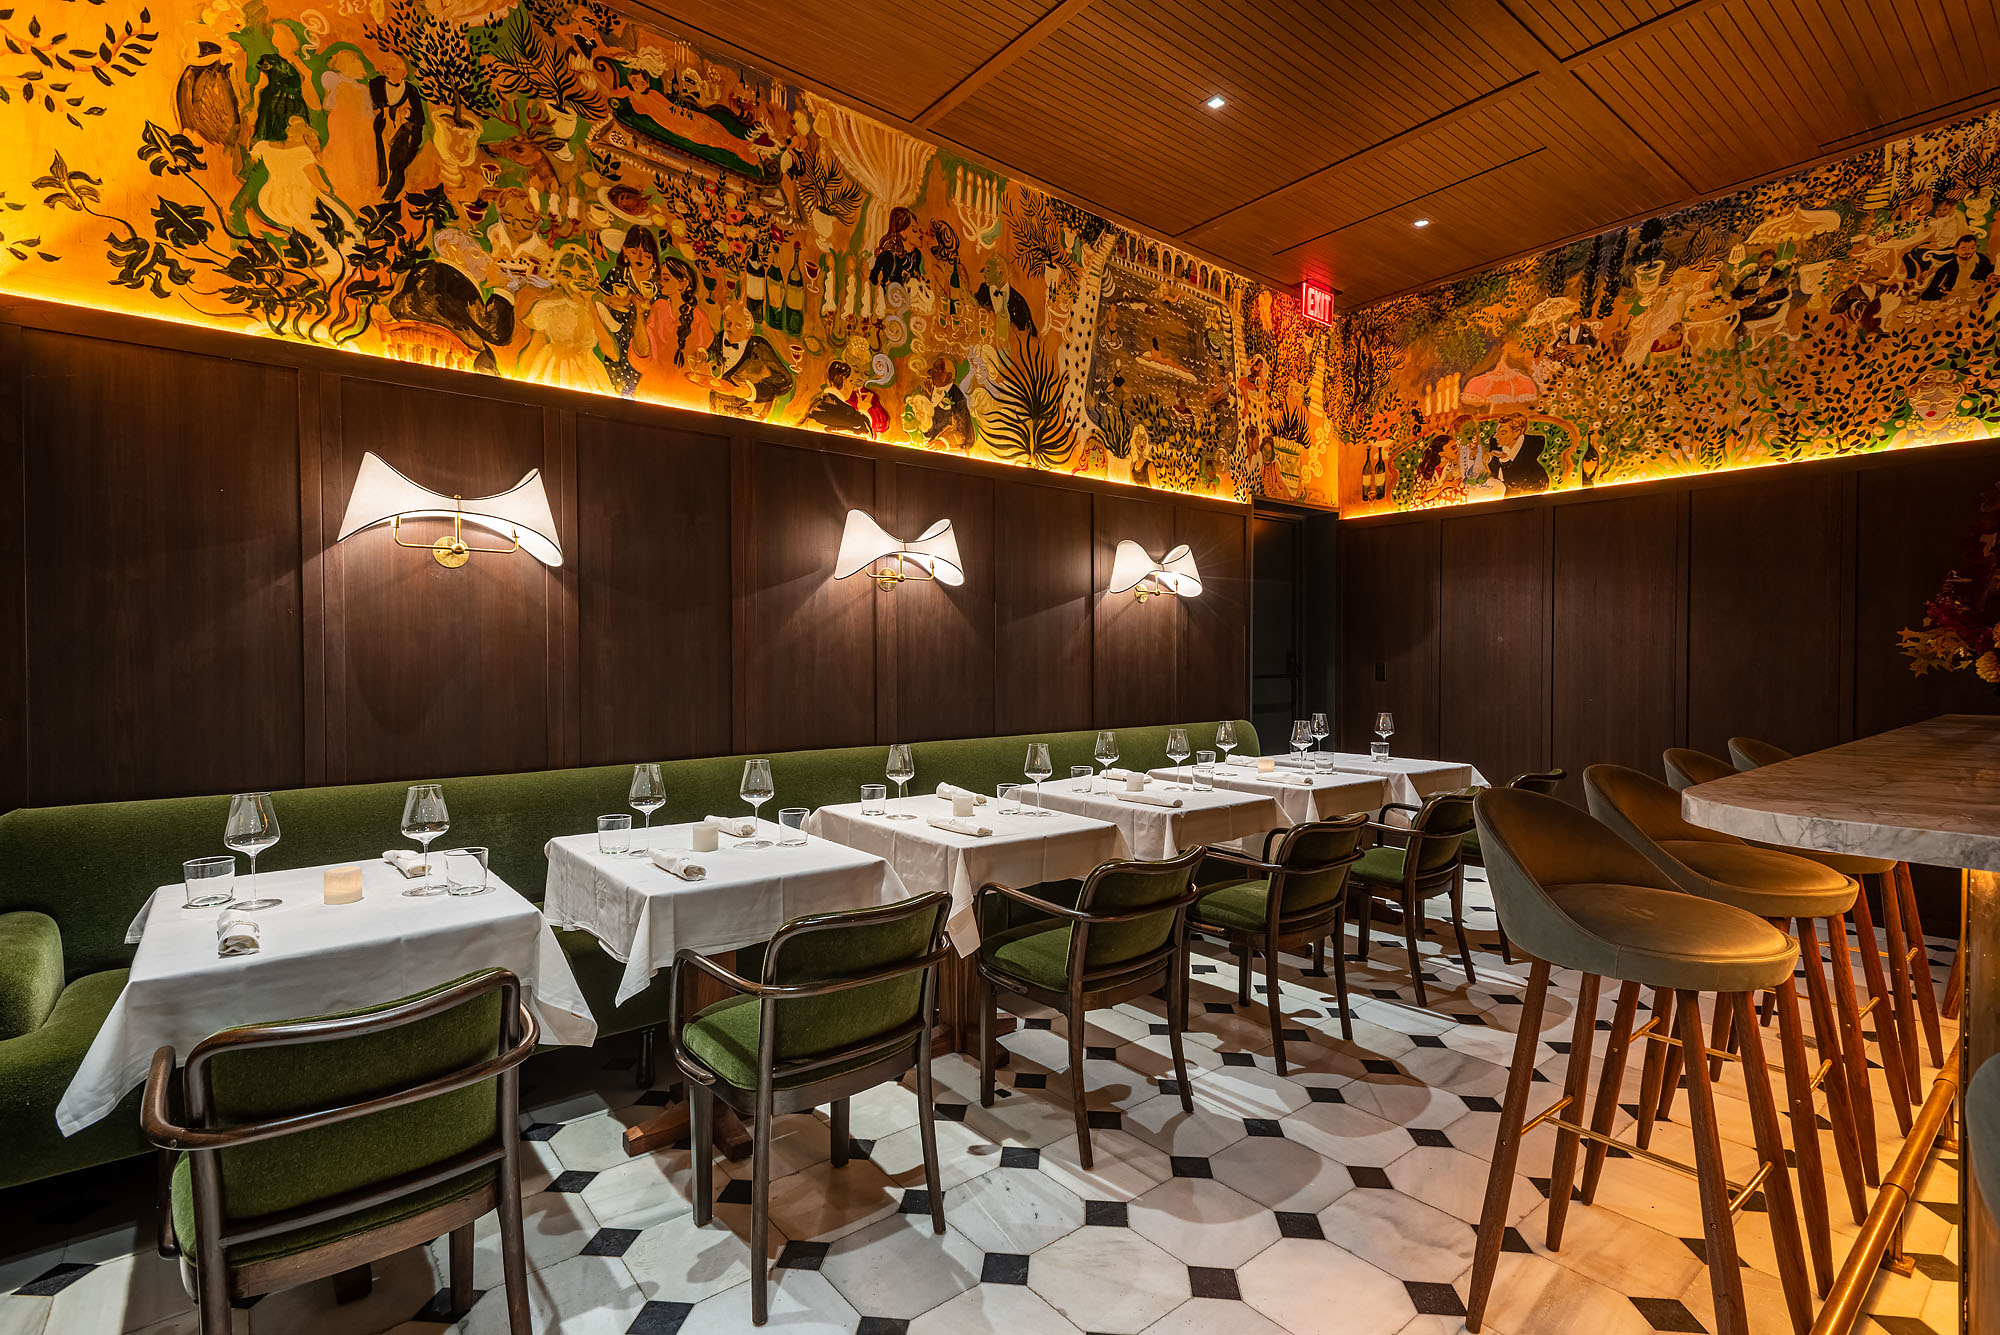 Dining room at Gigi's.